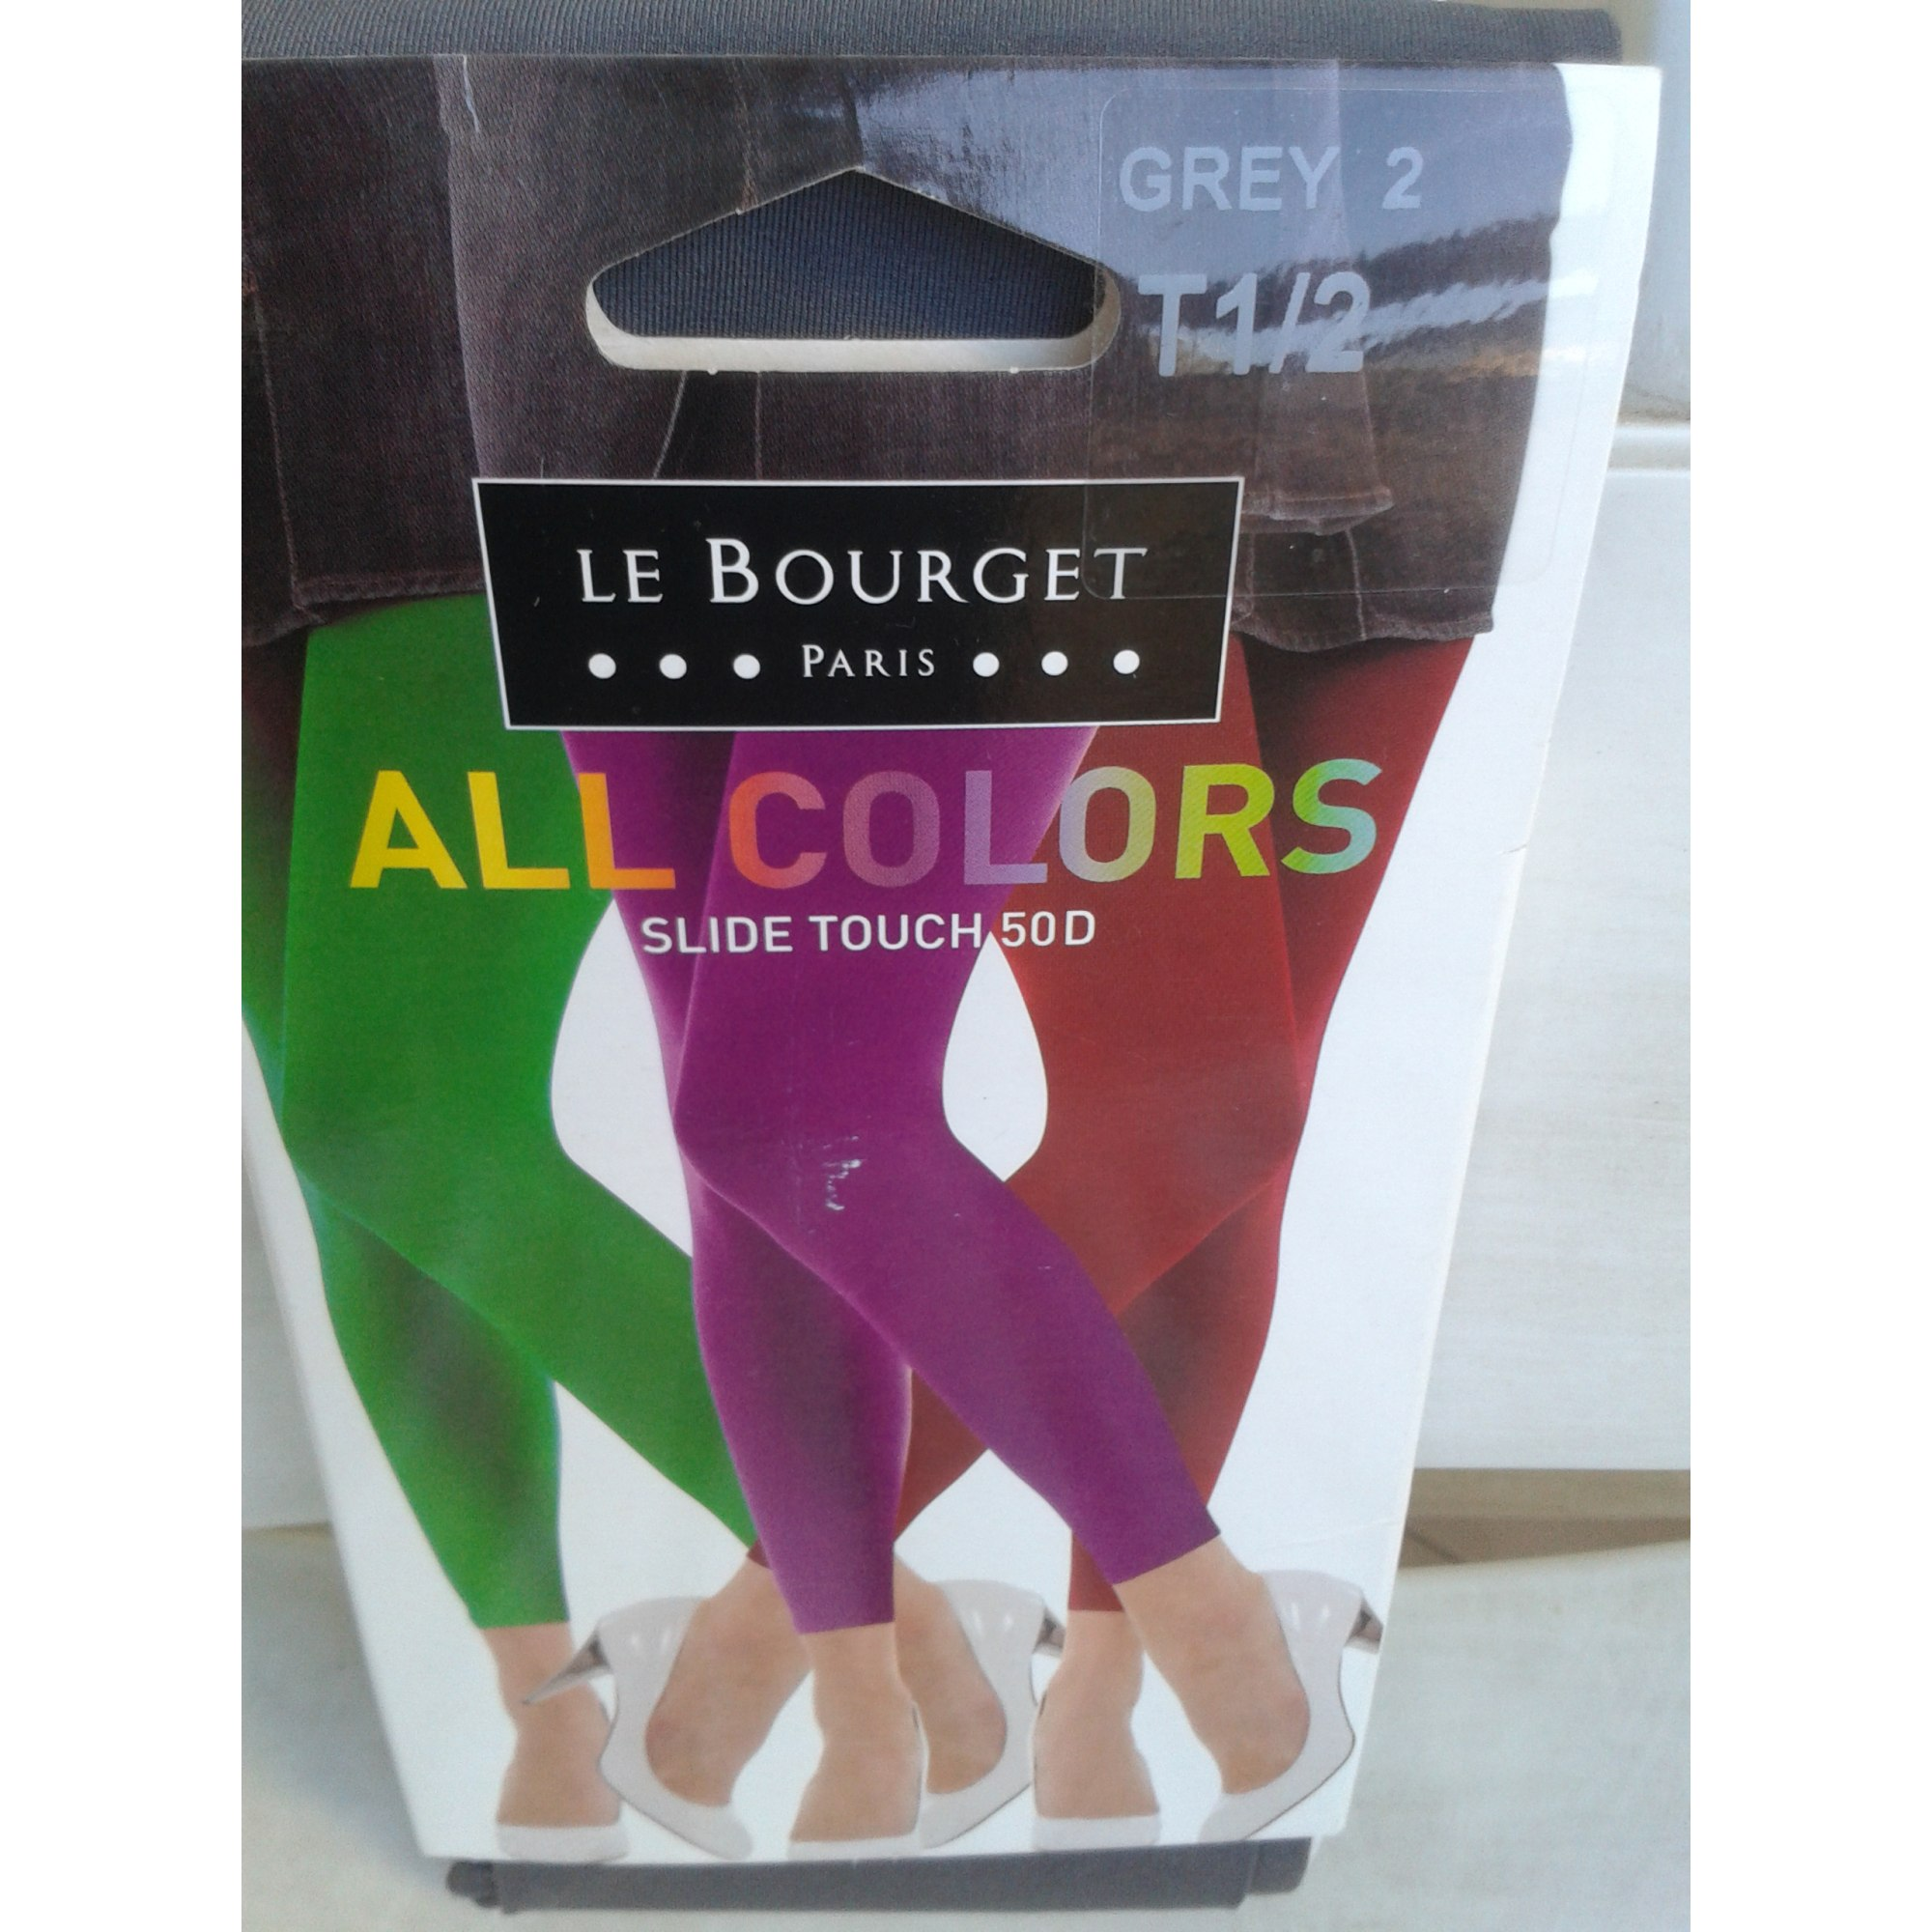 Legging, caleçon LE BOURGET Gris, anthracite